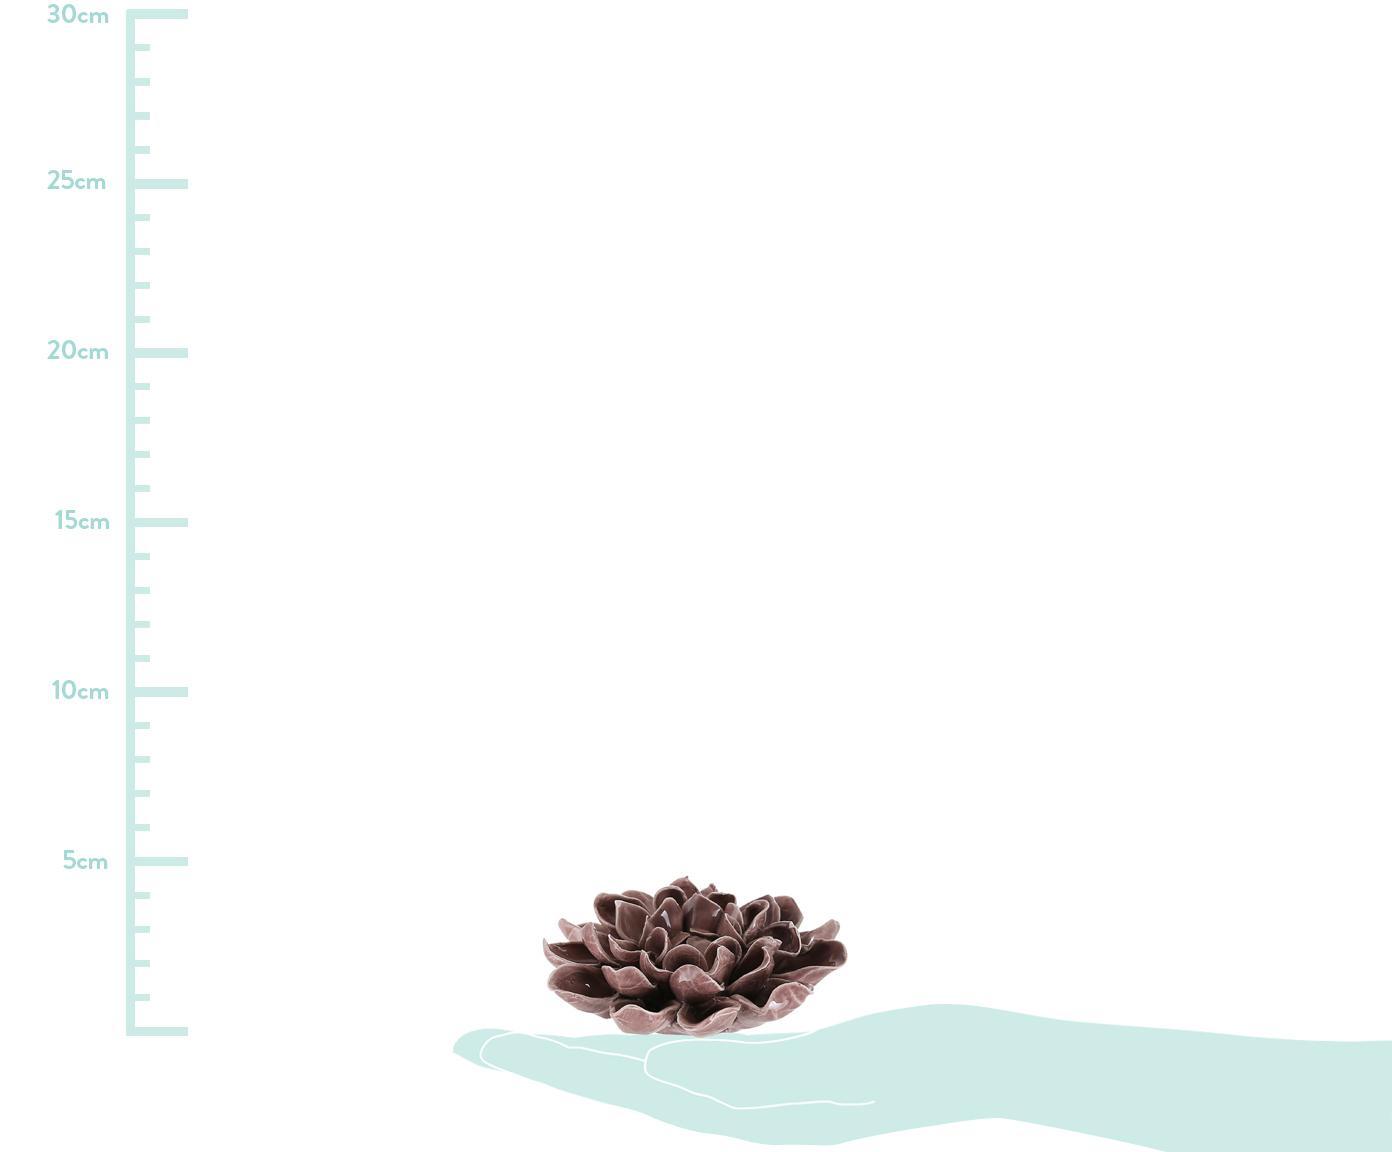 Dekoracja Dolus, Kamionka, Fiołkoworóżowy, Ø 11 x W 4 cm